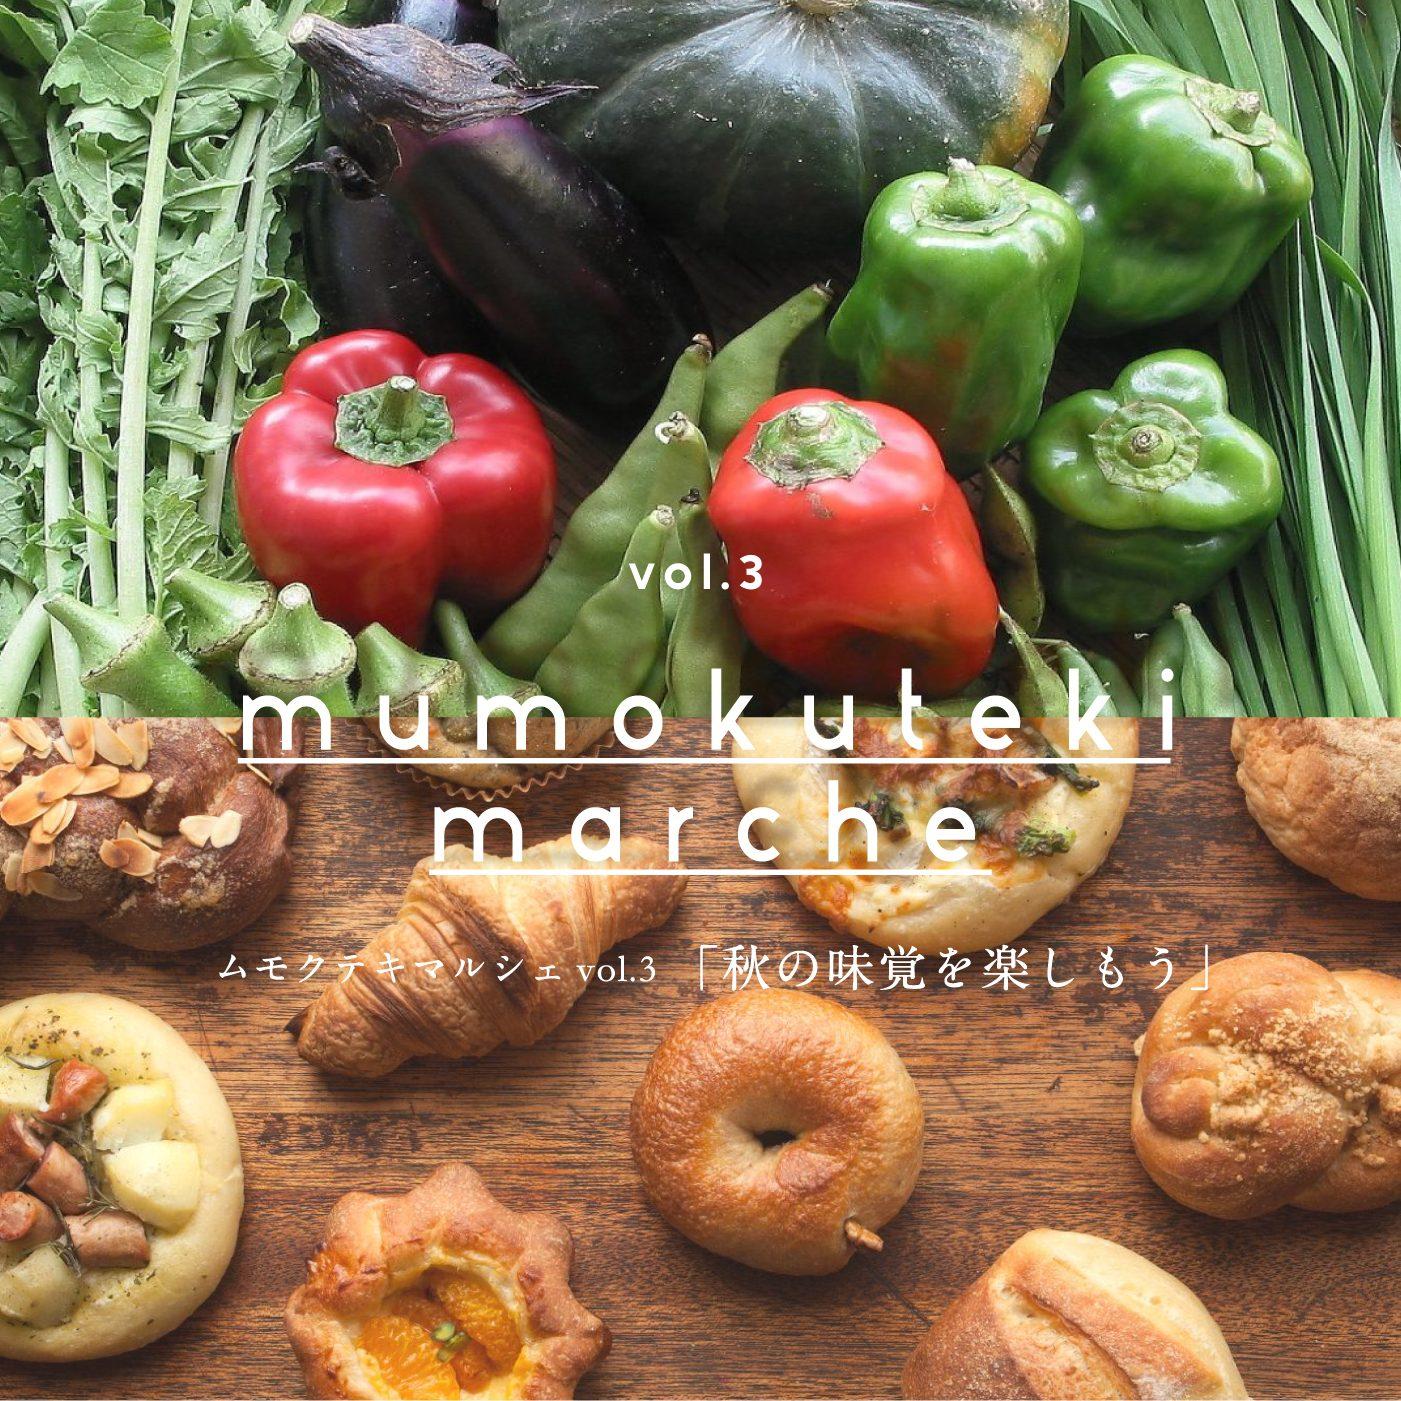 9月16日(土)ムモクテキ マルシェ vol.3「秋の味覚を楽しもう」@mumokuteki 3階ホール